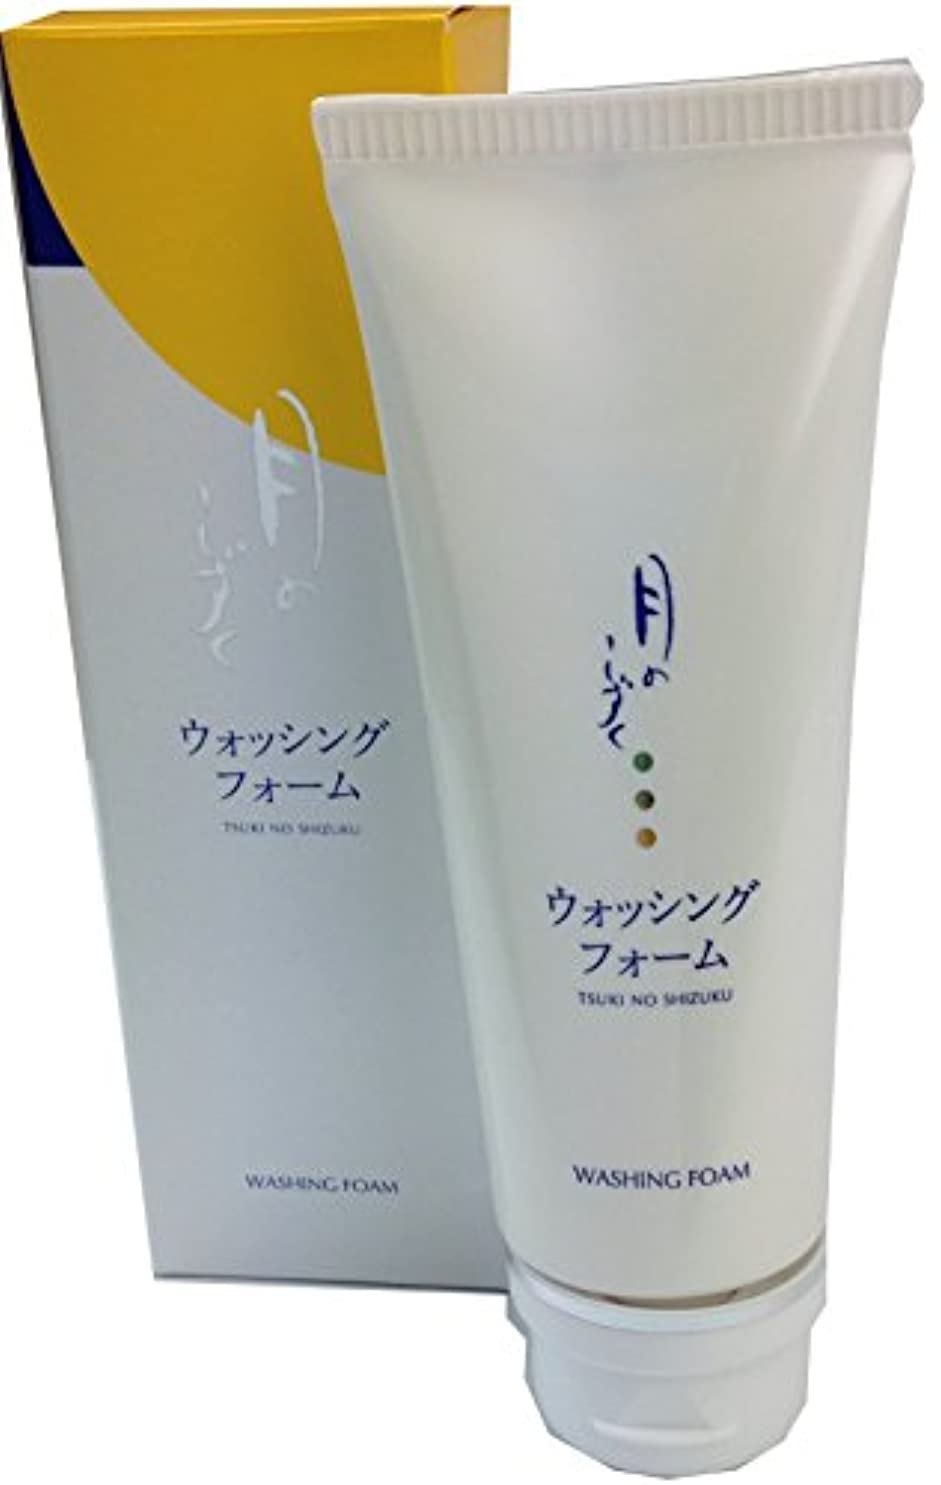 コンテスト行進ウナギゆの里由来 化粧品 洗顔フォーム 110g 1本